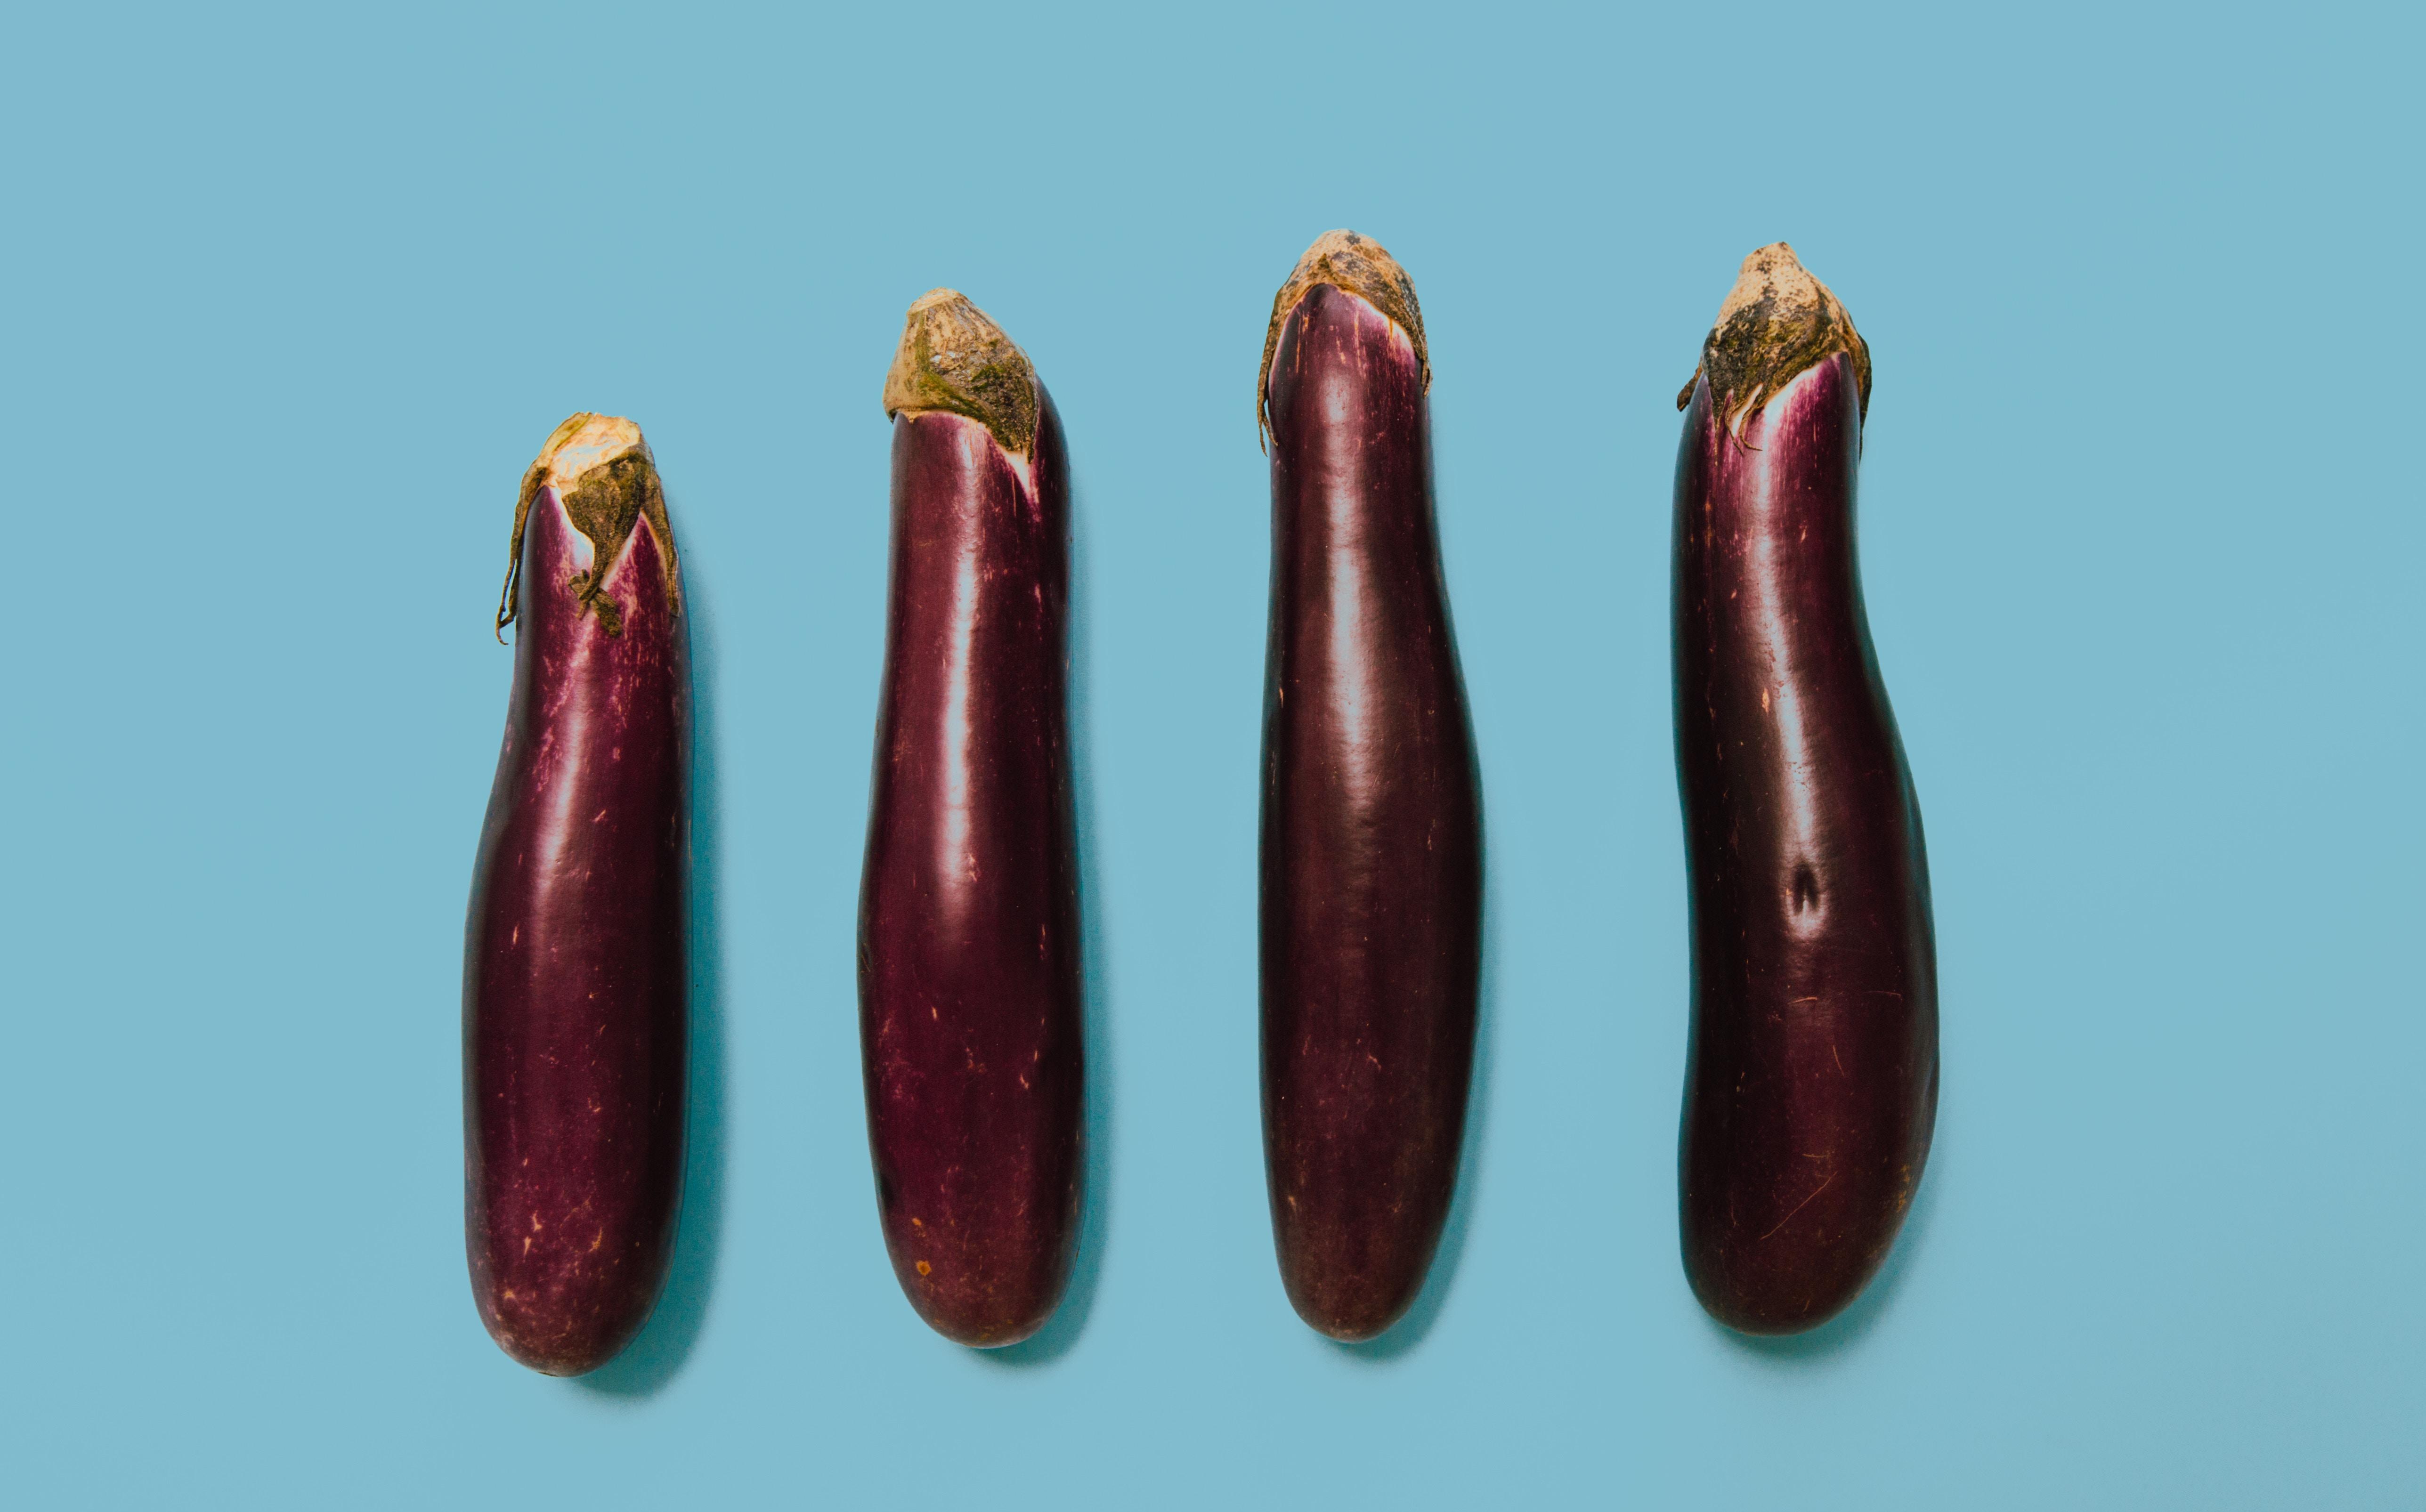 cum să- ți faci penisul să cadă rapid penis mic pentru fată